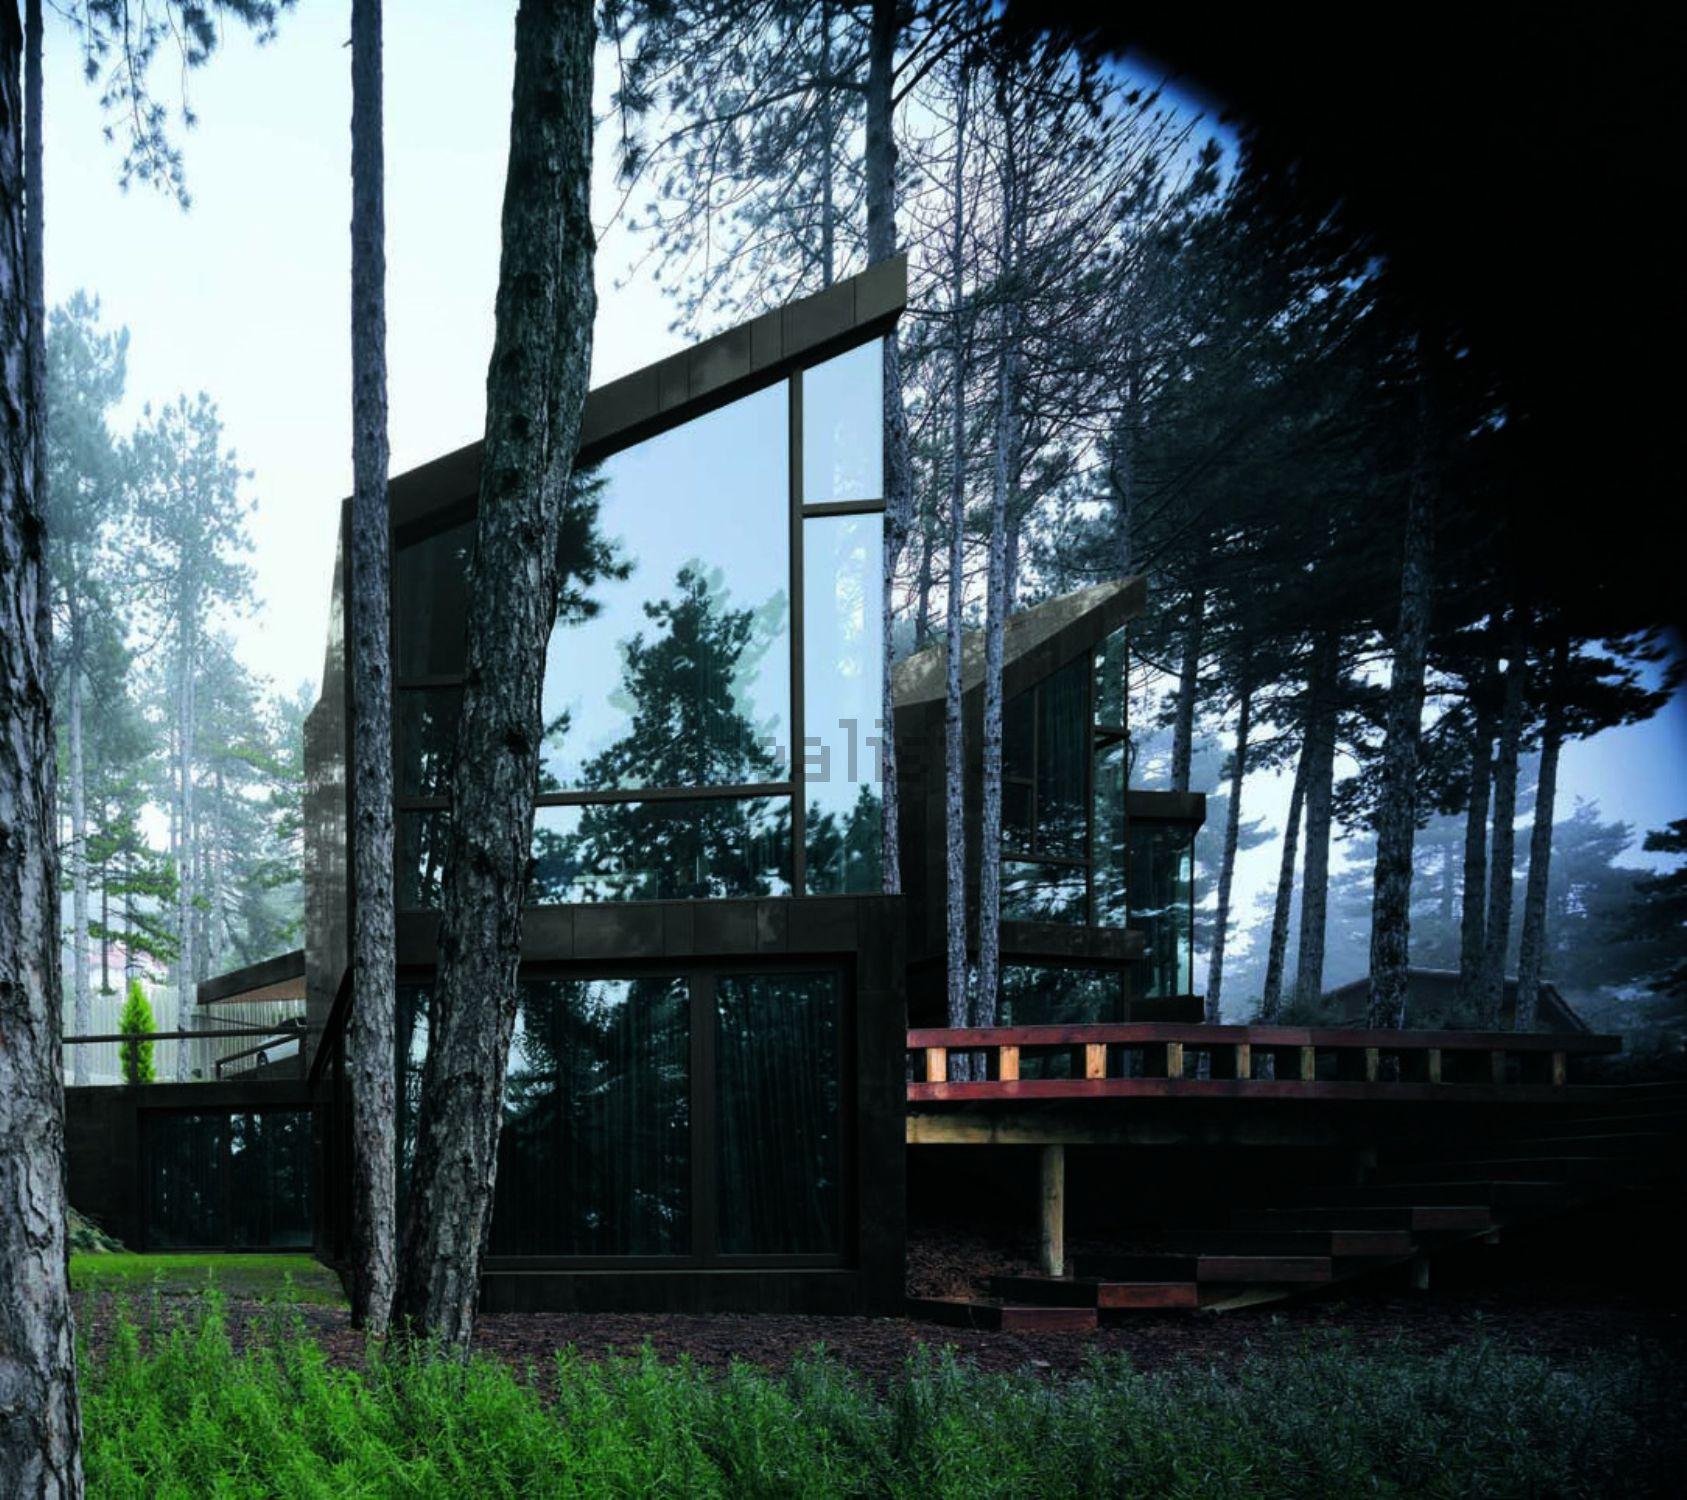 Casa Levene, projetada pelo arquiteto Eduardo Arroyo no Monte Abantos (Madrid)